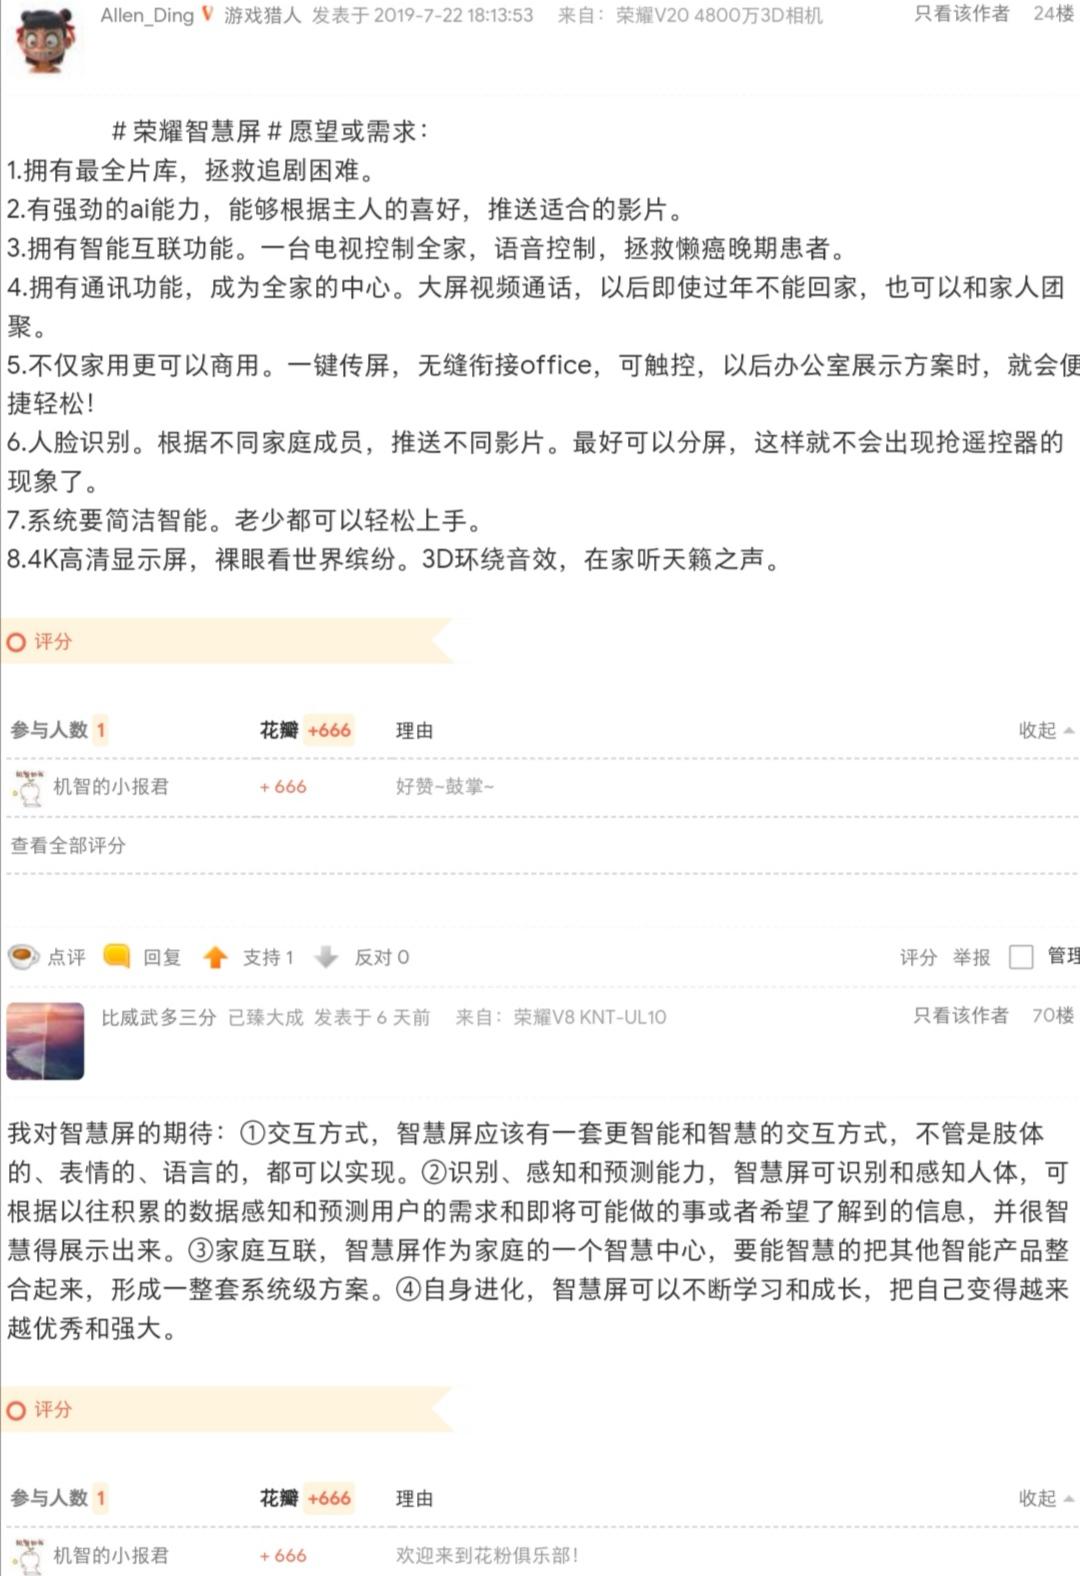 Screenshot_20190730_093106.jpg